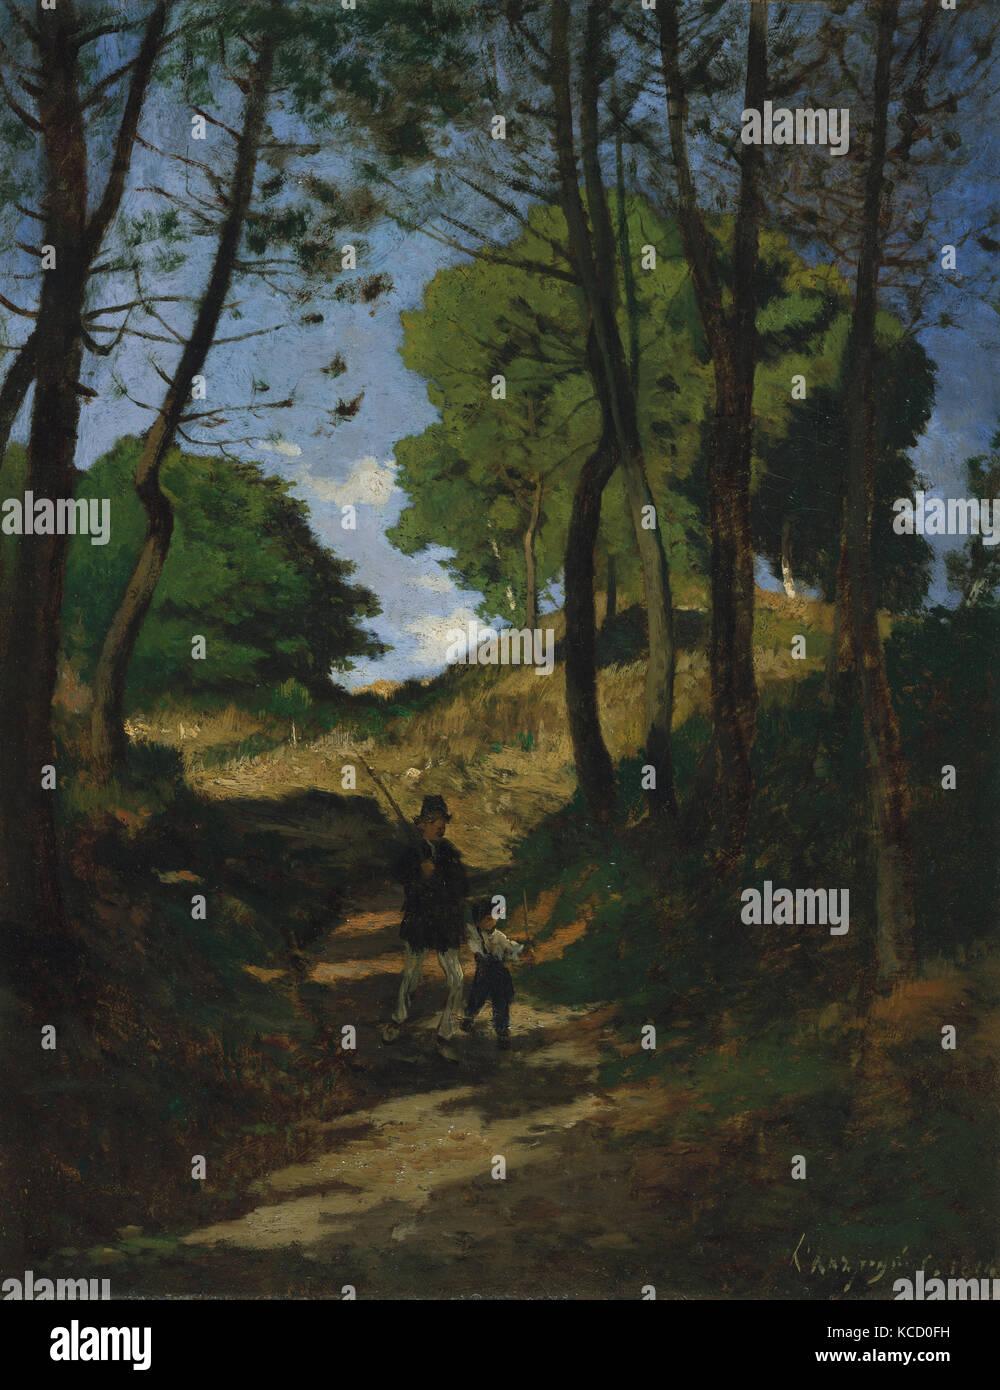 Fir Trees in Les Trembleaux, near Marlotte (Sapins aux Trembleaux à Marlotte), Henri-Joseph Harpignies, 1854 - Stock Image